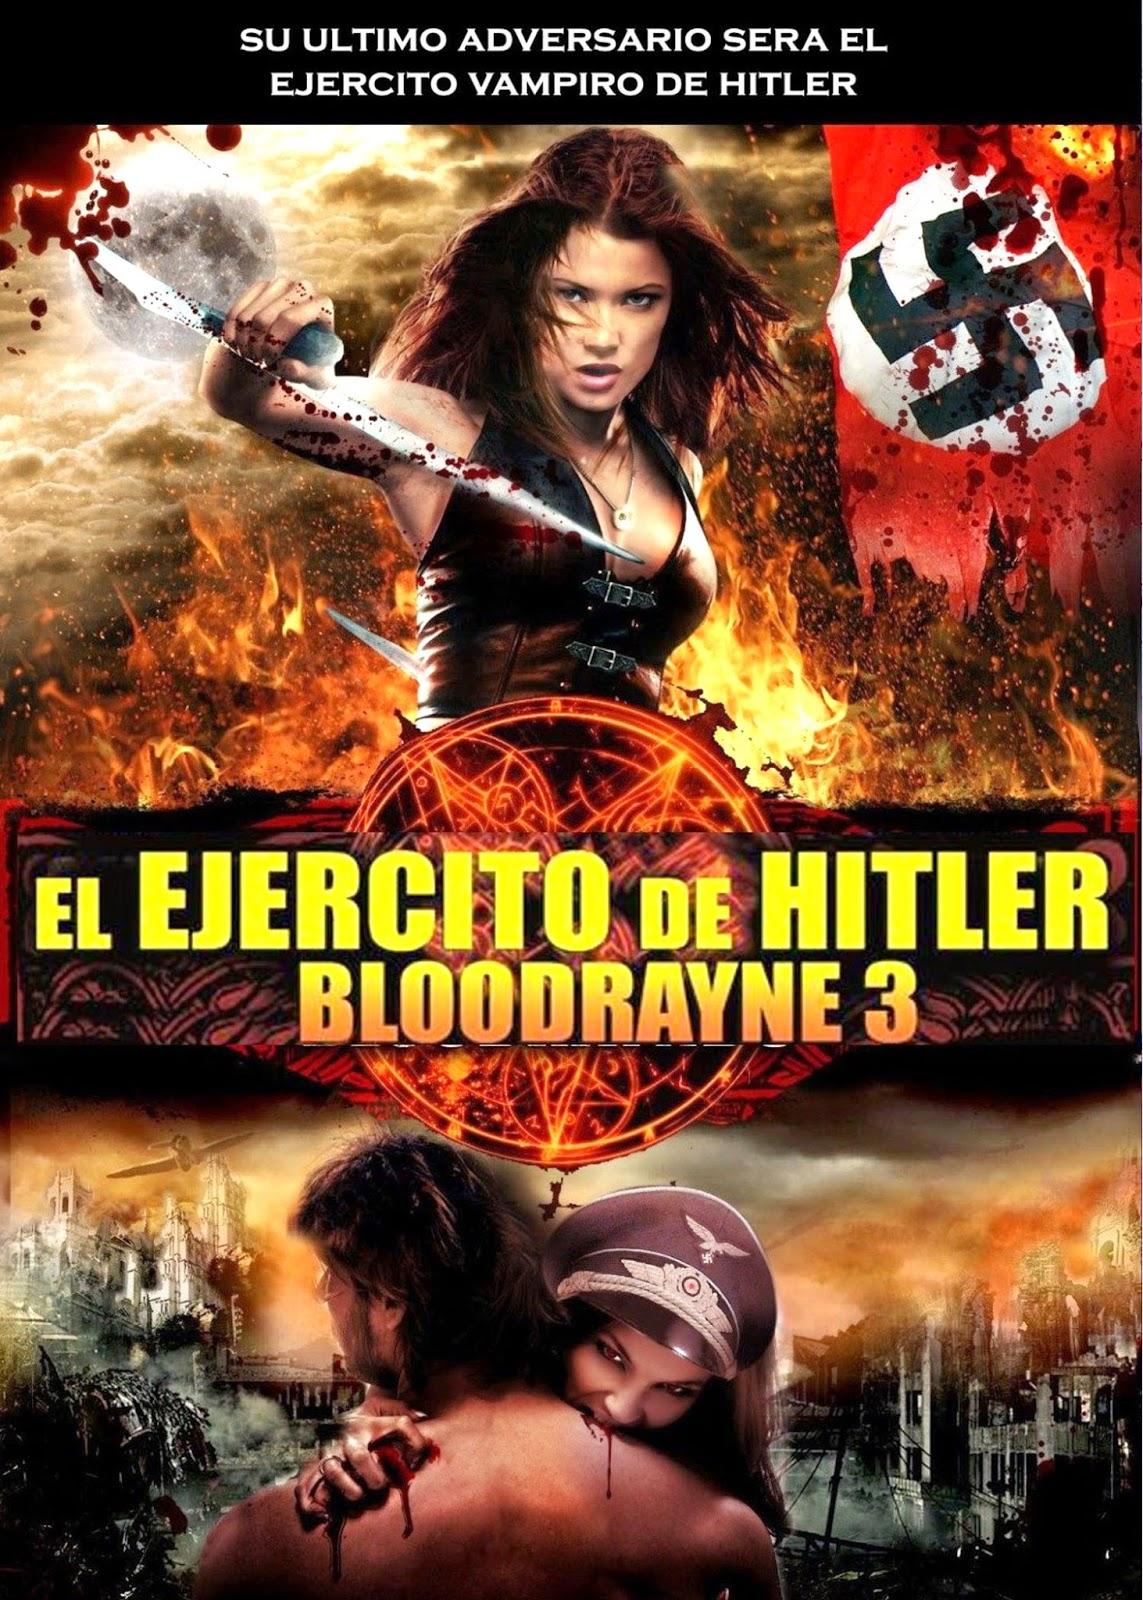 BloodRayne 3: The Third Reich (2010)